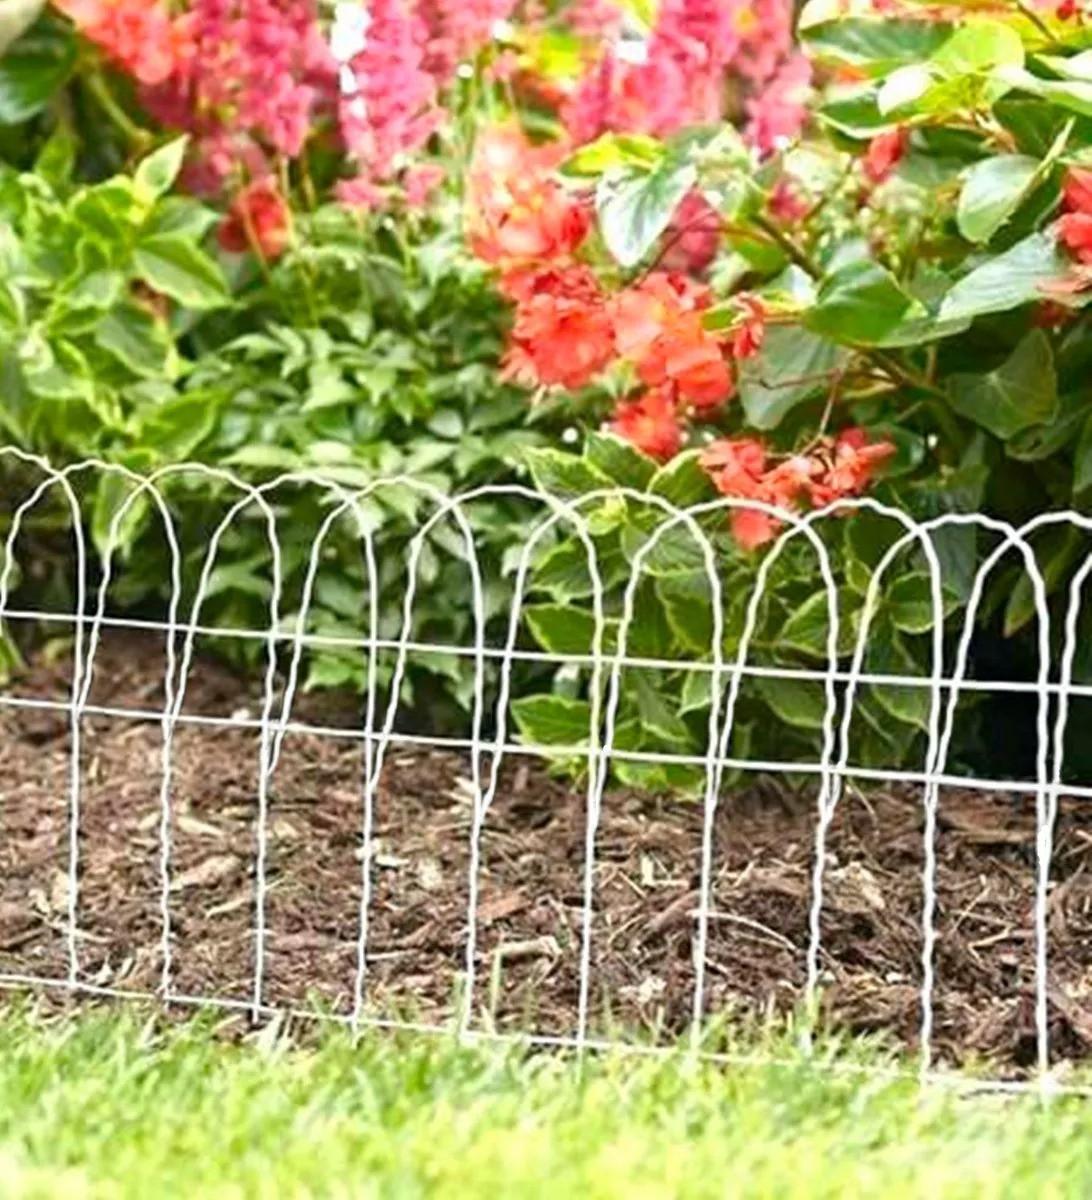 Kit Tela Jardim Branca 0,45 + 8 postes + arame para amarrar